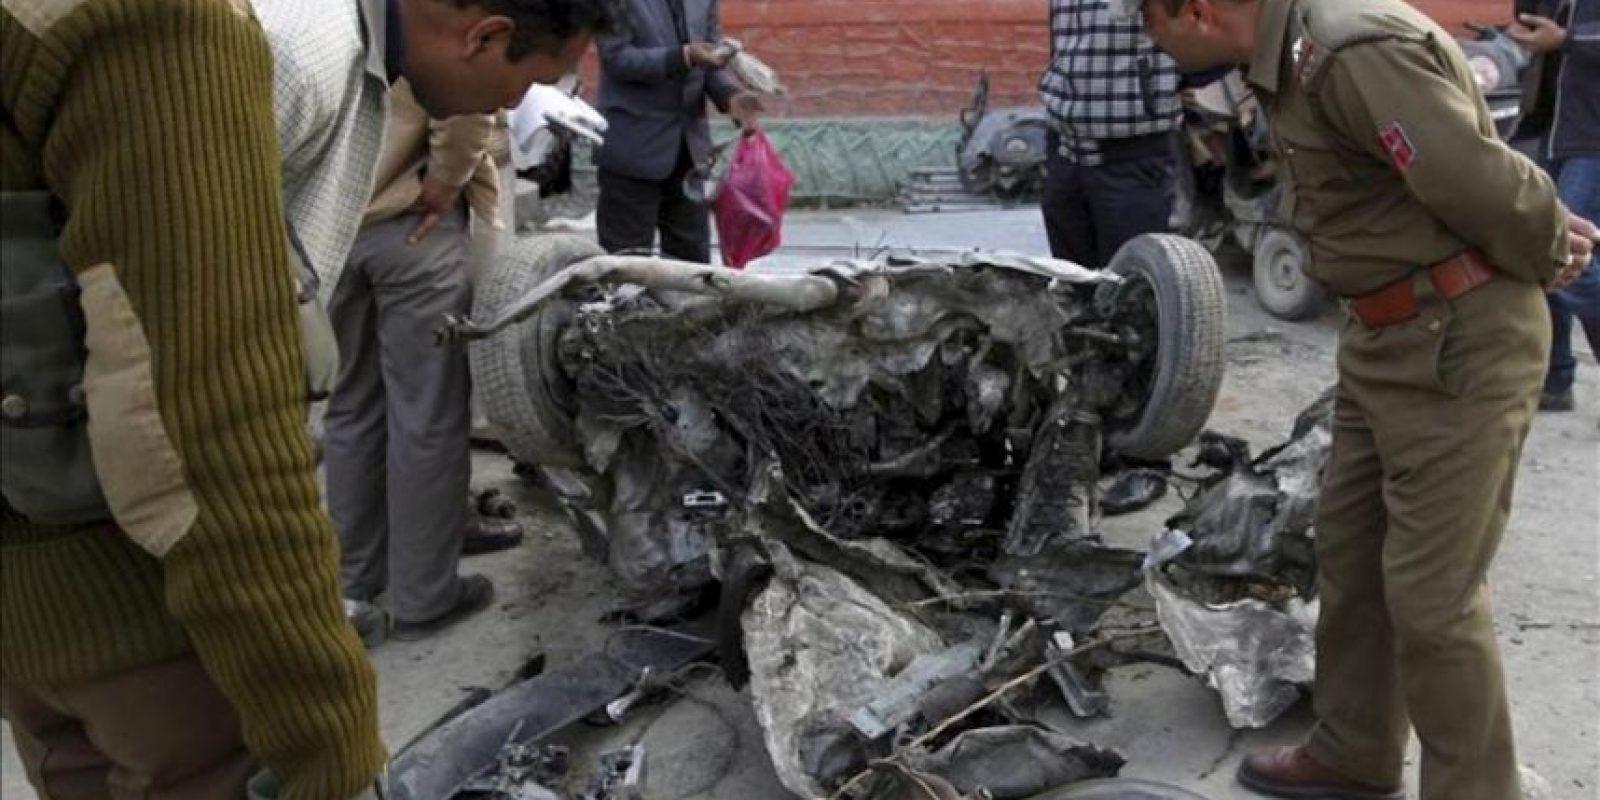 Soldados observan el estado en el que ha quedado un coche cercano al vehículo que ha explotado junto a un mercado de la localidad de Bijbehara, en la parte india de Cachemira, hoy, jueves, 22 de marzo de 2012, informó a Efe una fuente policial. La explosión ocurrió a primera hora de la tarde (hora local), mató a un civil y entre los heridos -dos de ellos en estado crítico-, hay siete civiles y tres miembros de las fuerzas de seguridad. EFE